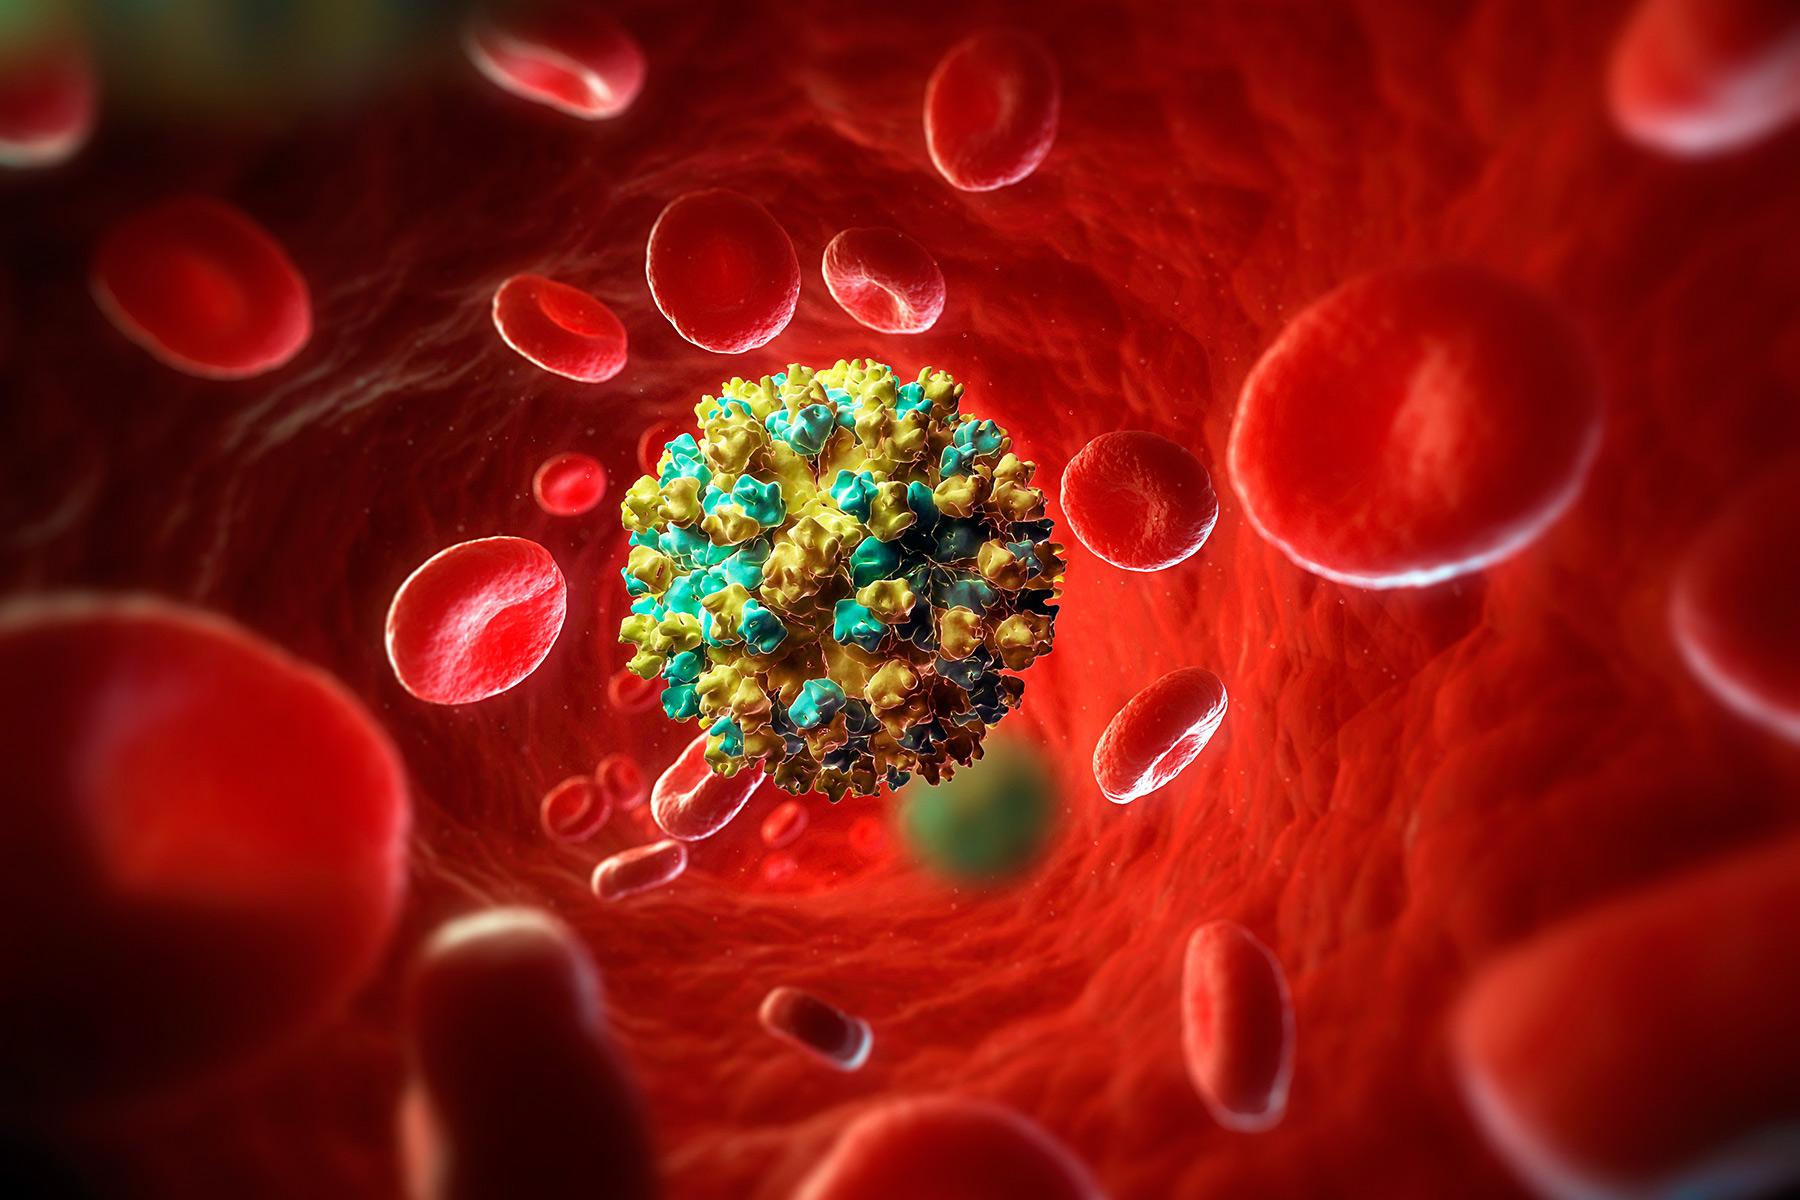 Κορωνοϊός Παρενέργειες: Μειωμένες περιπλοκές της νόσου με φάρμακο για την Ηπατίτιδα